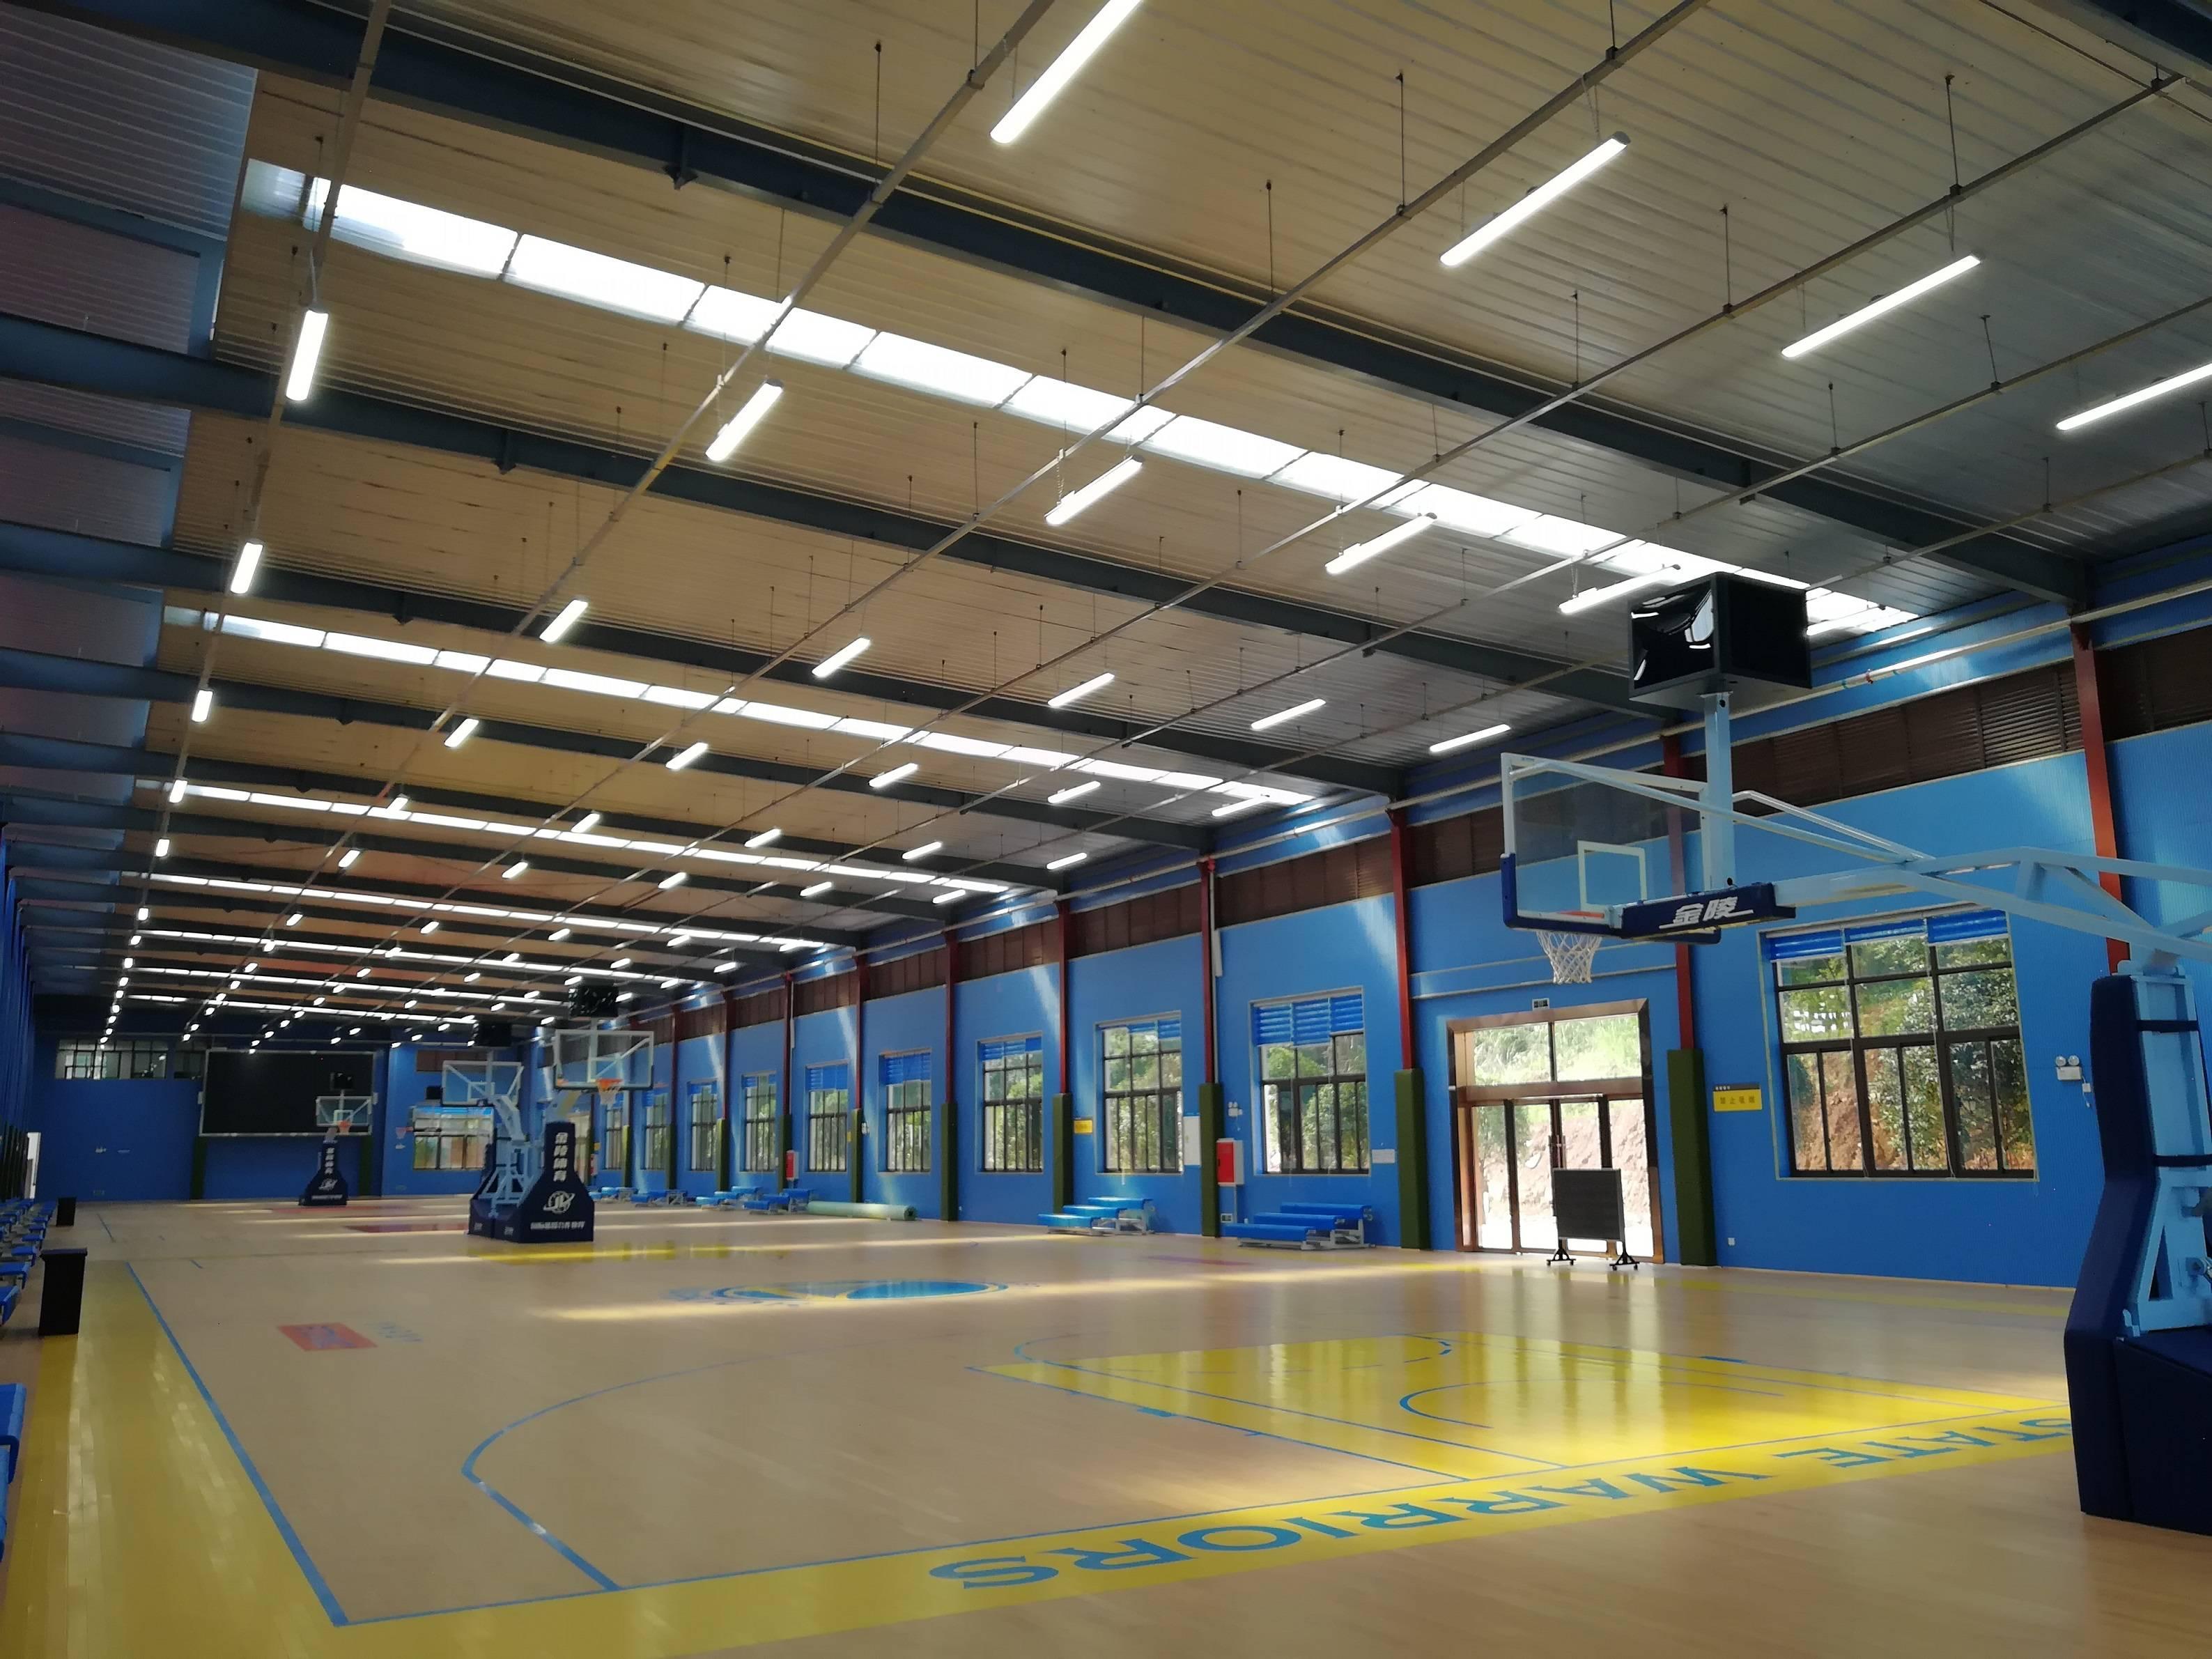 三分失准,湖人不敌掘金!室内体育馆照明有哪些技术要求?